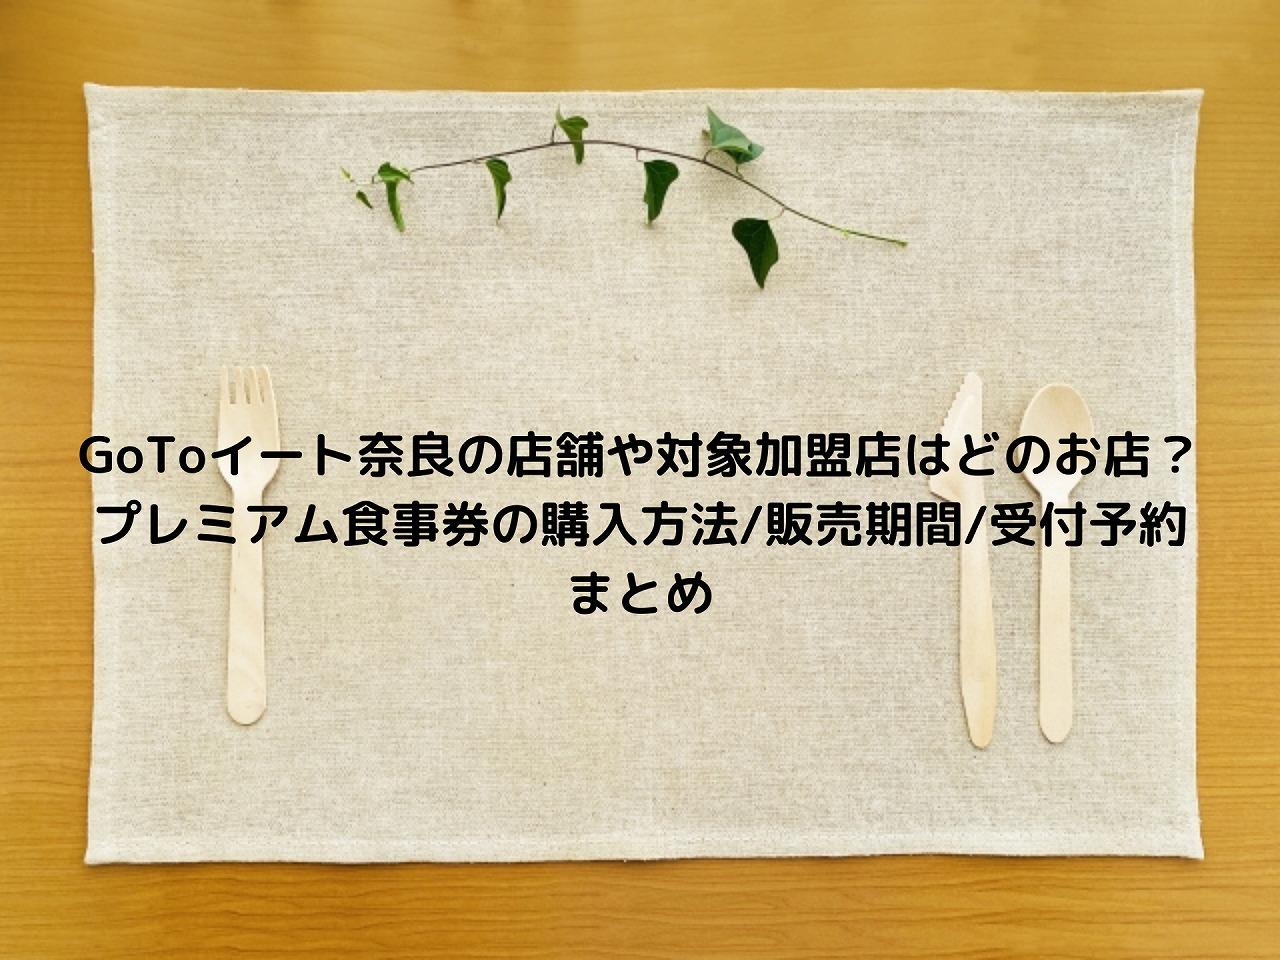 イート 奈良 goto